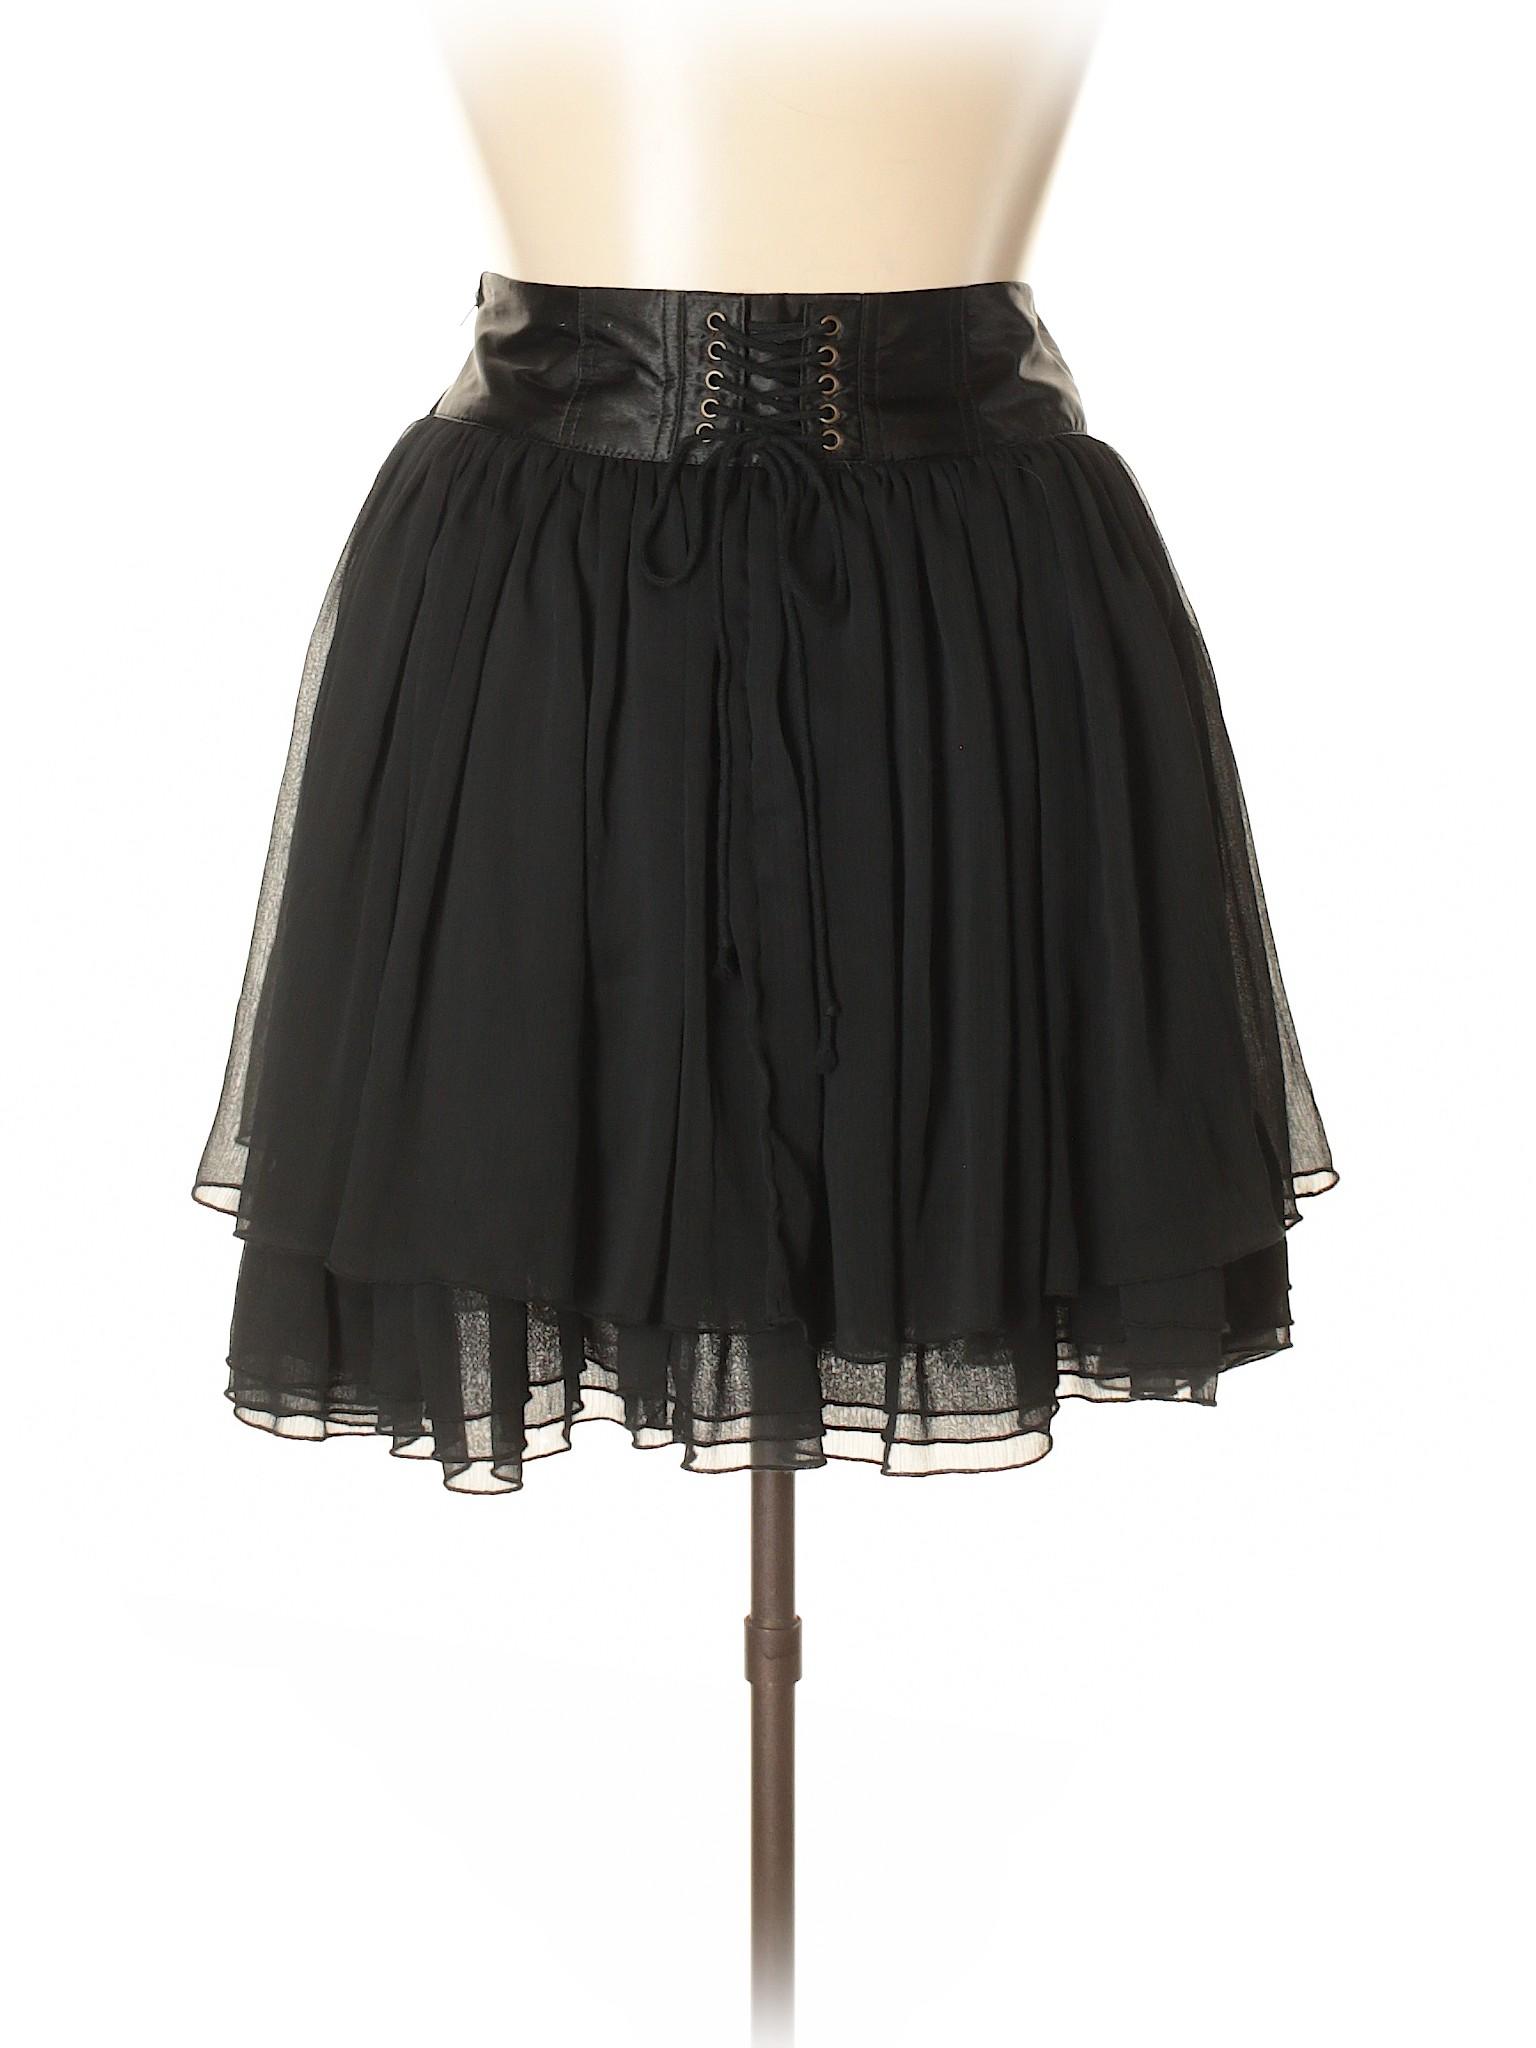 Skirt Skirt Skirt Casual Boutique Boutique Boutique Casual Casual Boutique Skirt Casual Casual Boutique xTRwO